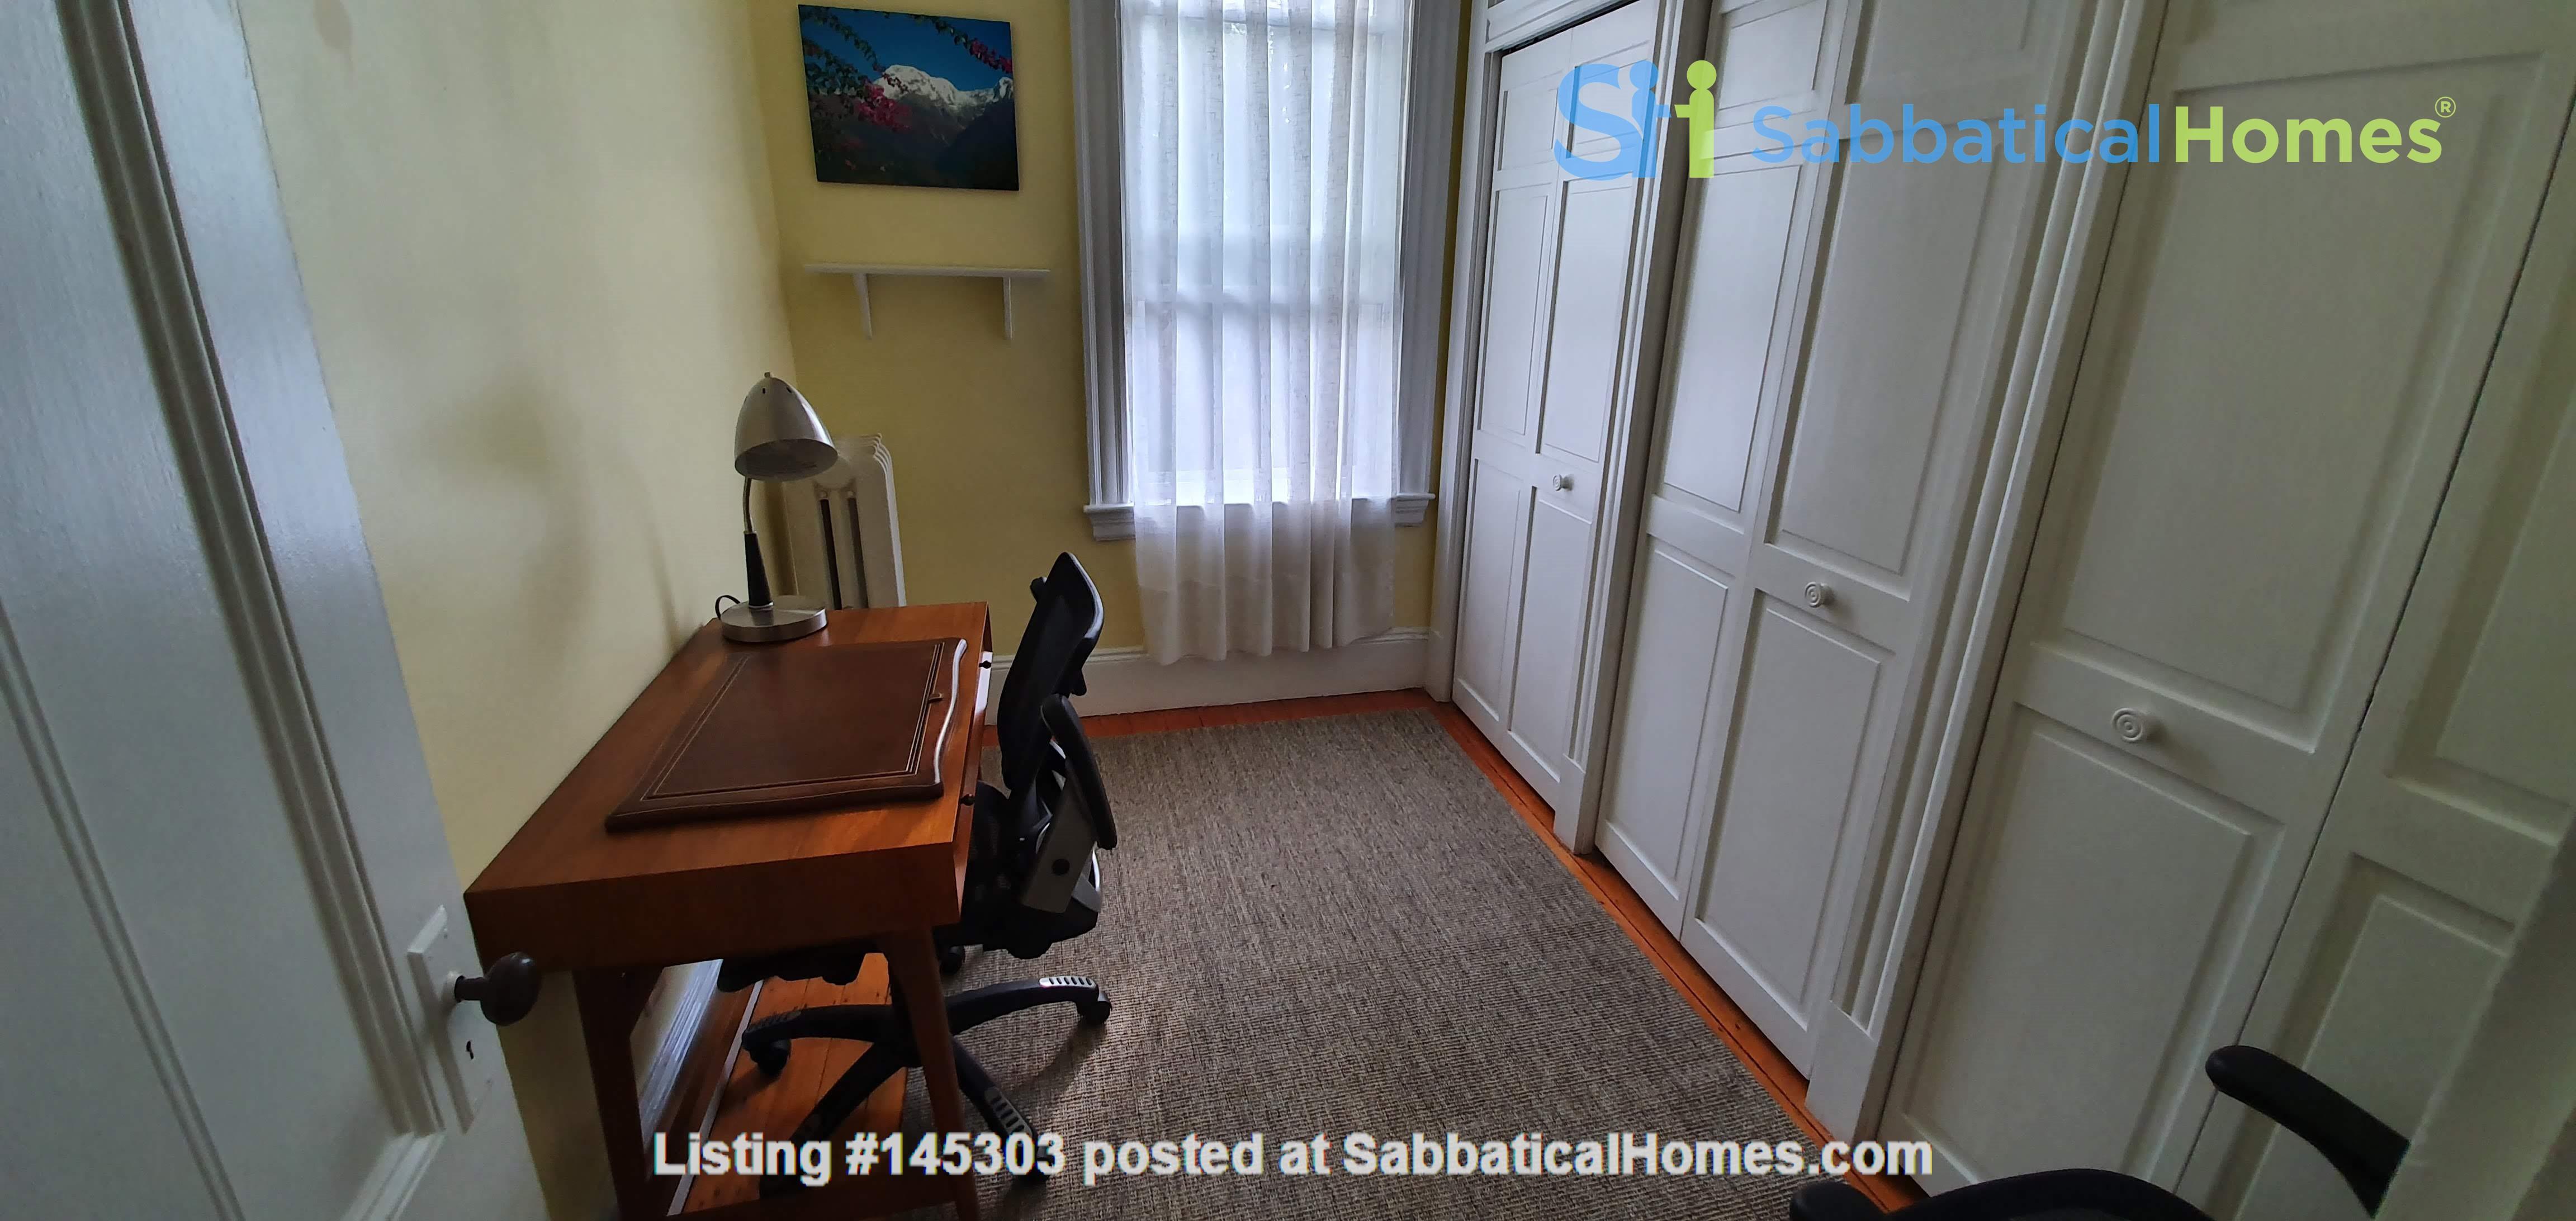 Cambridge third floor bright condo near Harvard Square Home Rental in Cambridge, Massachusetts, United States 1